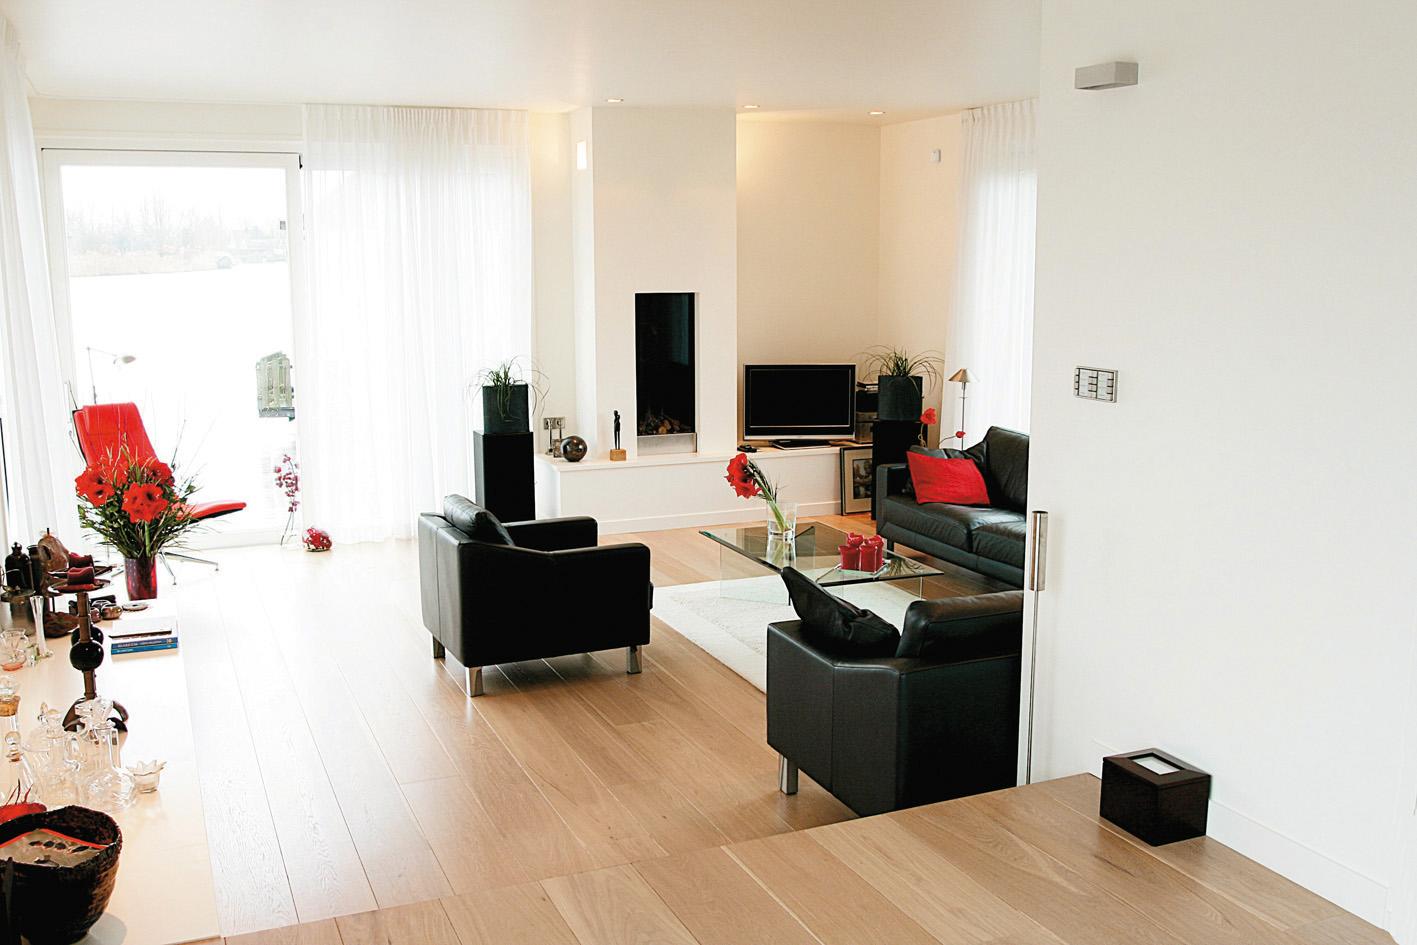 vorteile variotherm heizsysteme gmbh. Black Bedroom Furniture Sets. Home Design Ideas